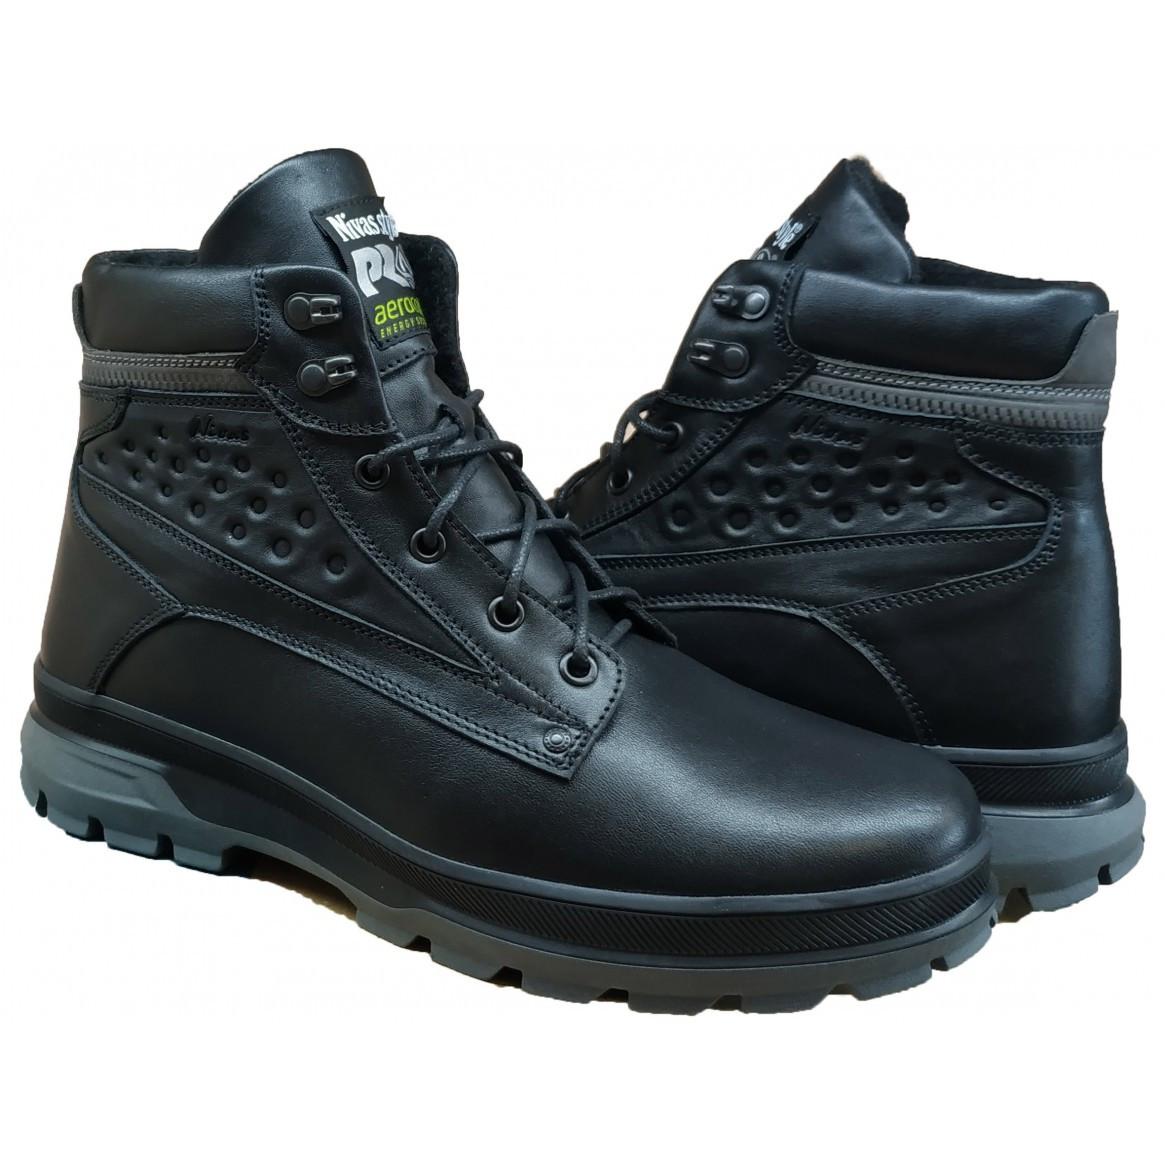 Кожаные мужские ботинки зимние  на меху  40-45 кожа лицевая черная